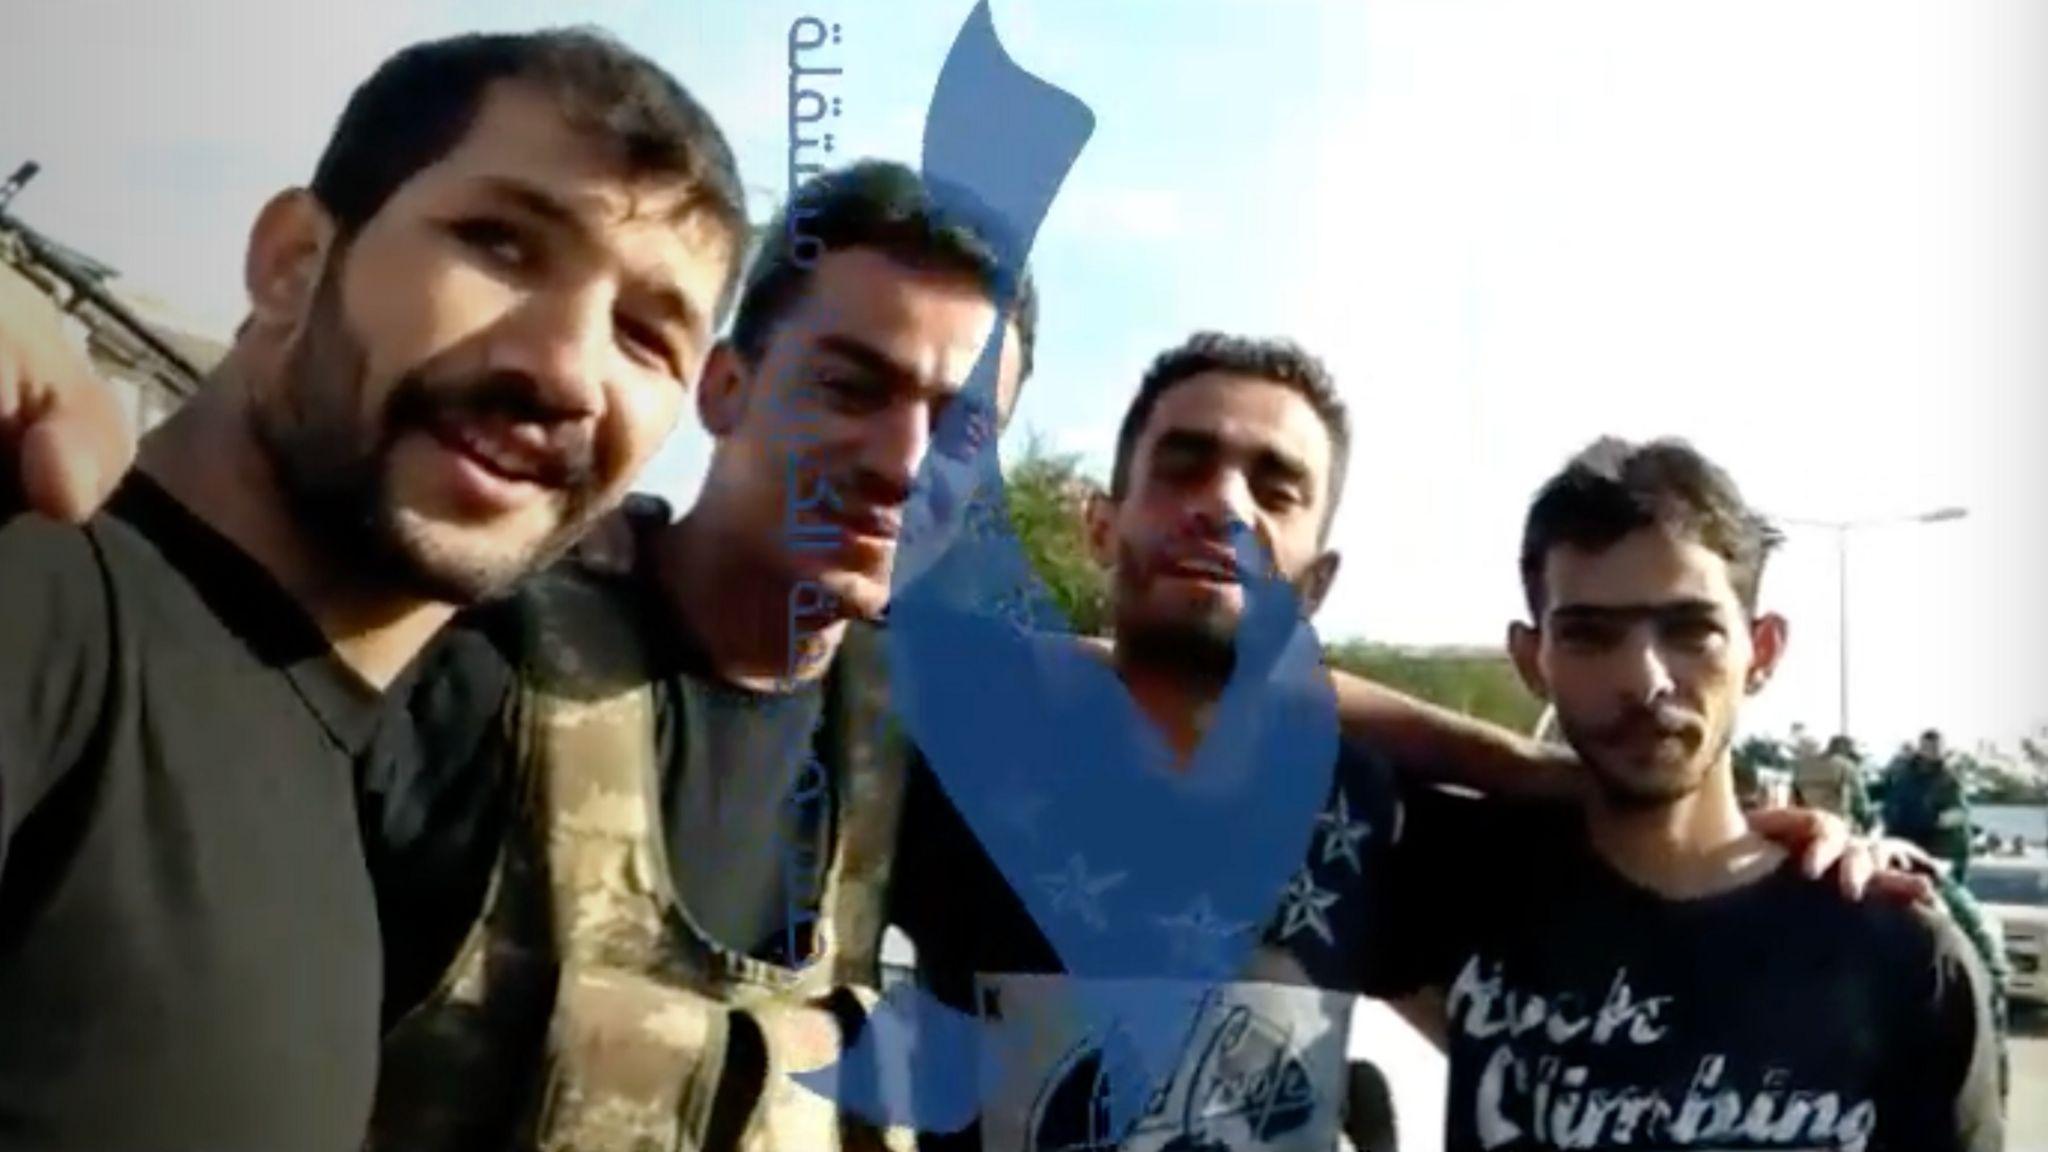 Four Syrian mercenaries geo-located to Horadiz, south-western Azerbaijan